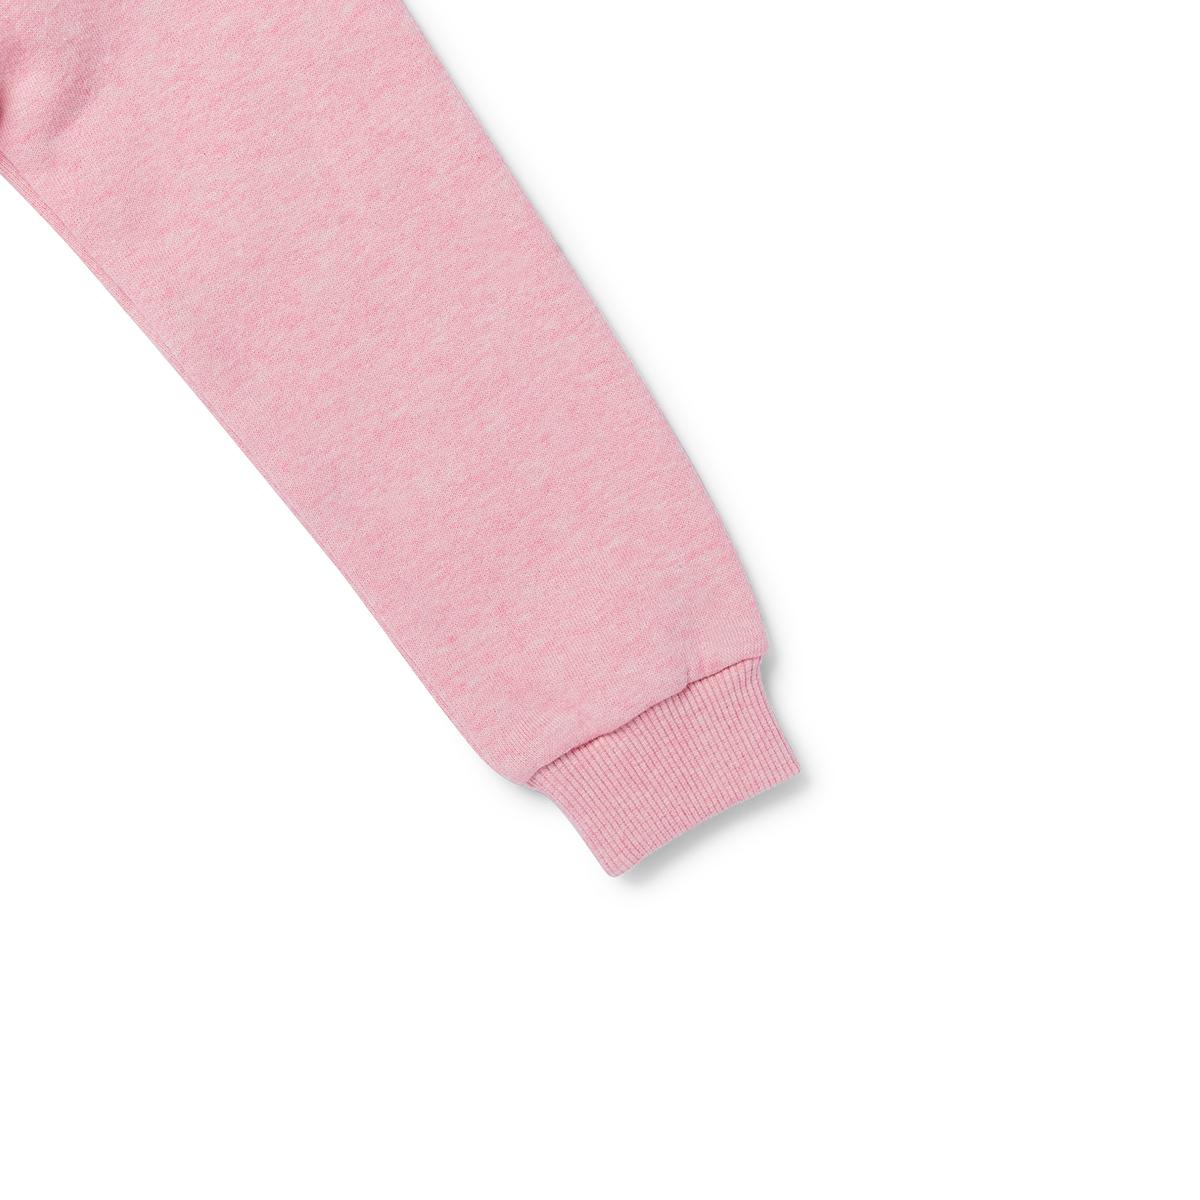 핑크 코니 키즈 면 기모 스웻셔츠